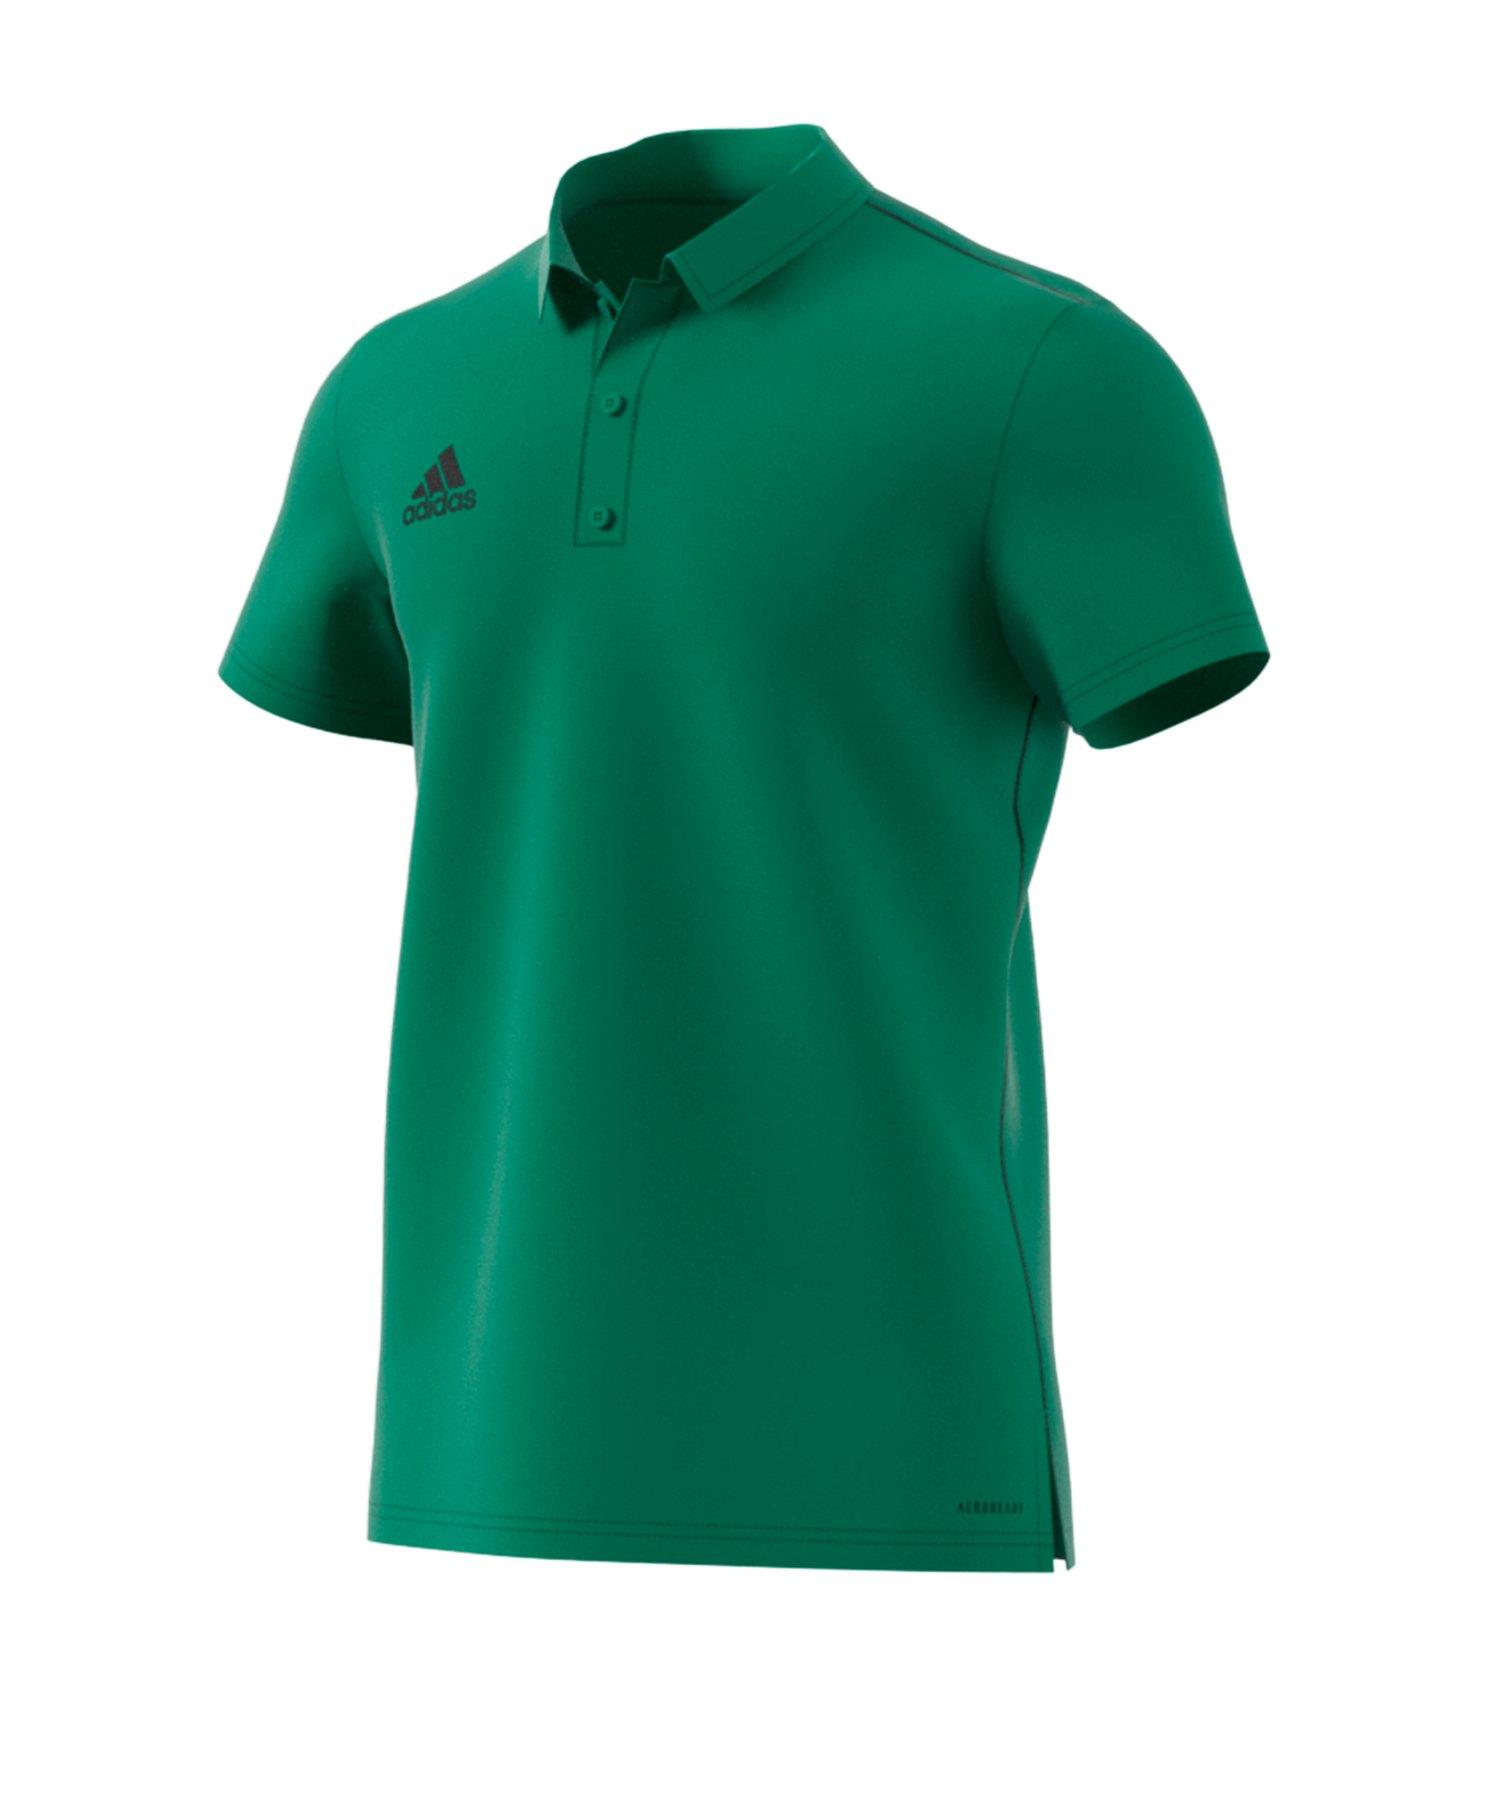 adidas Core 18 Poloshirt Grün - gruen